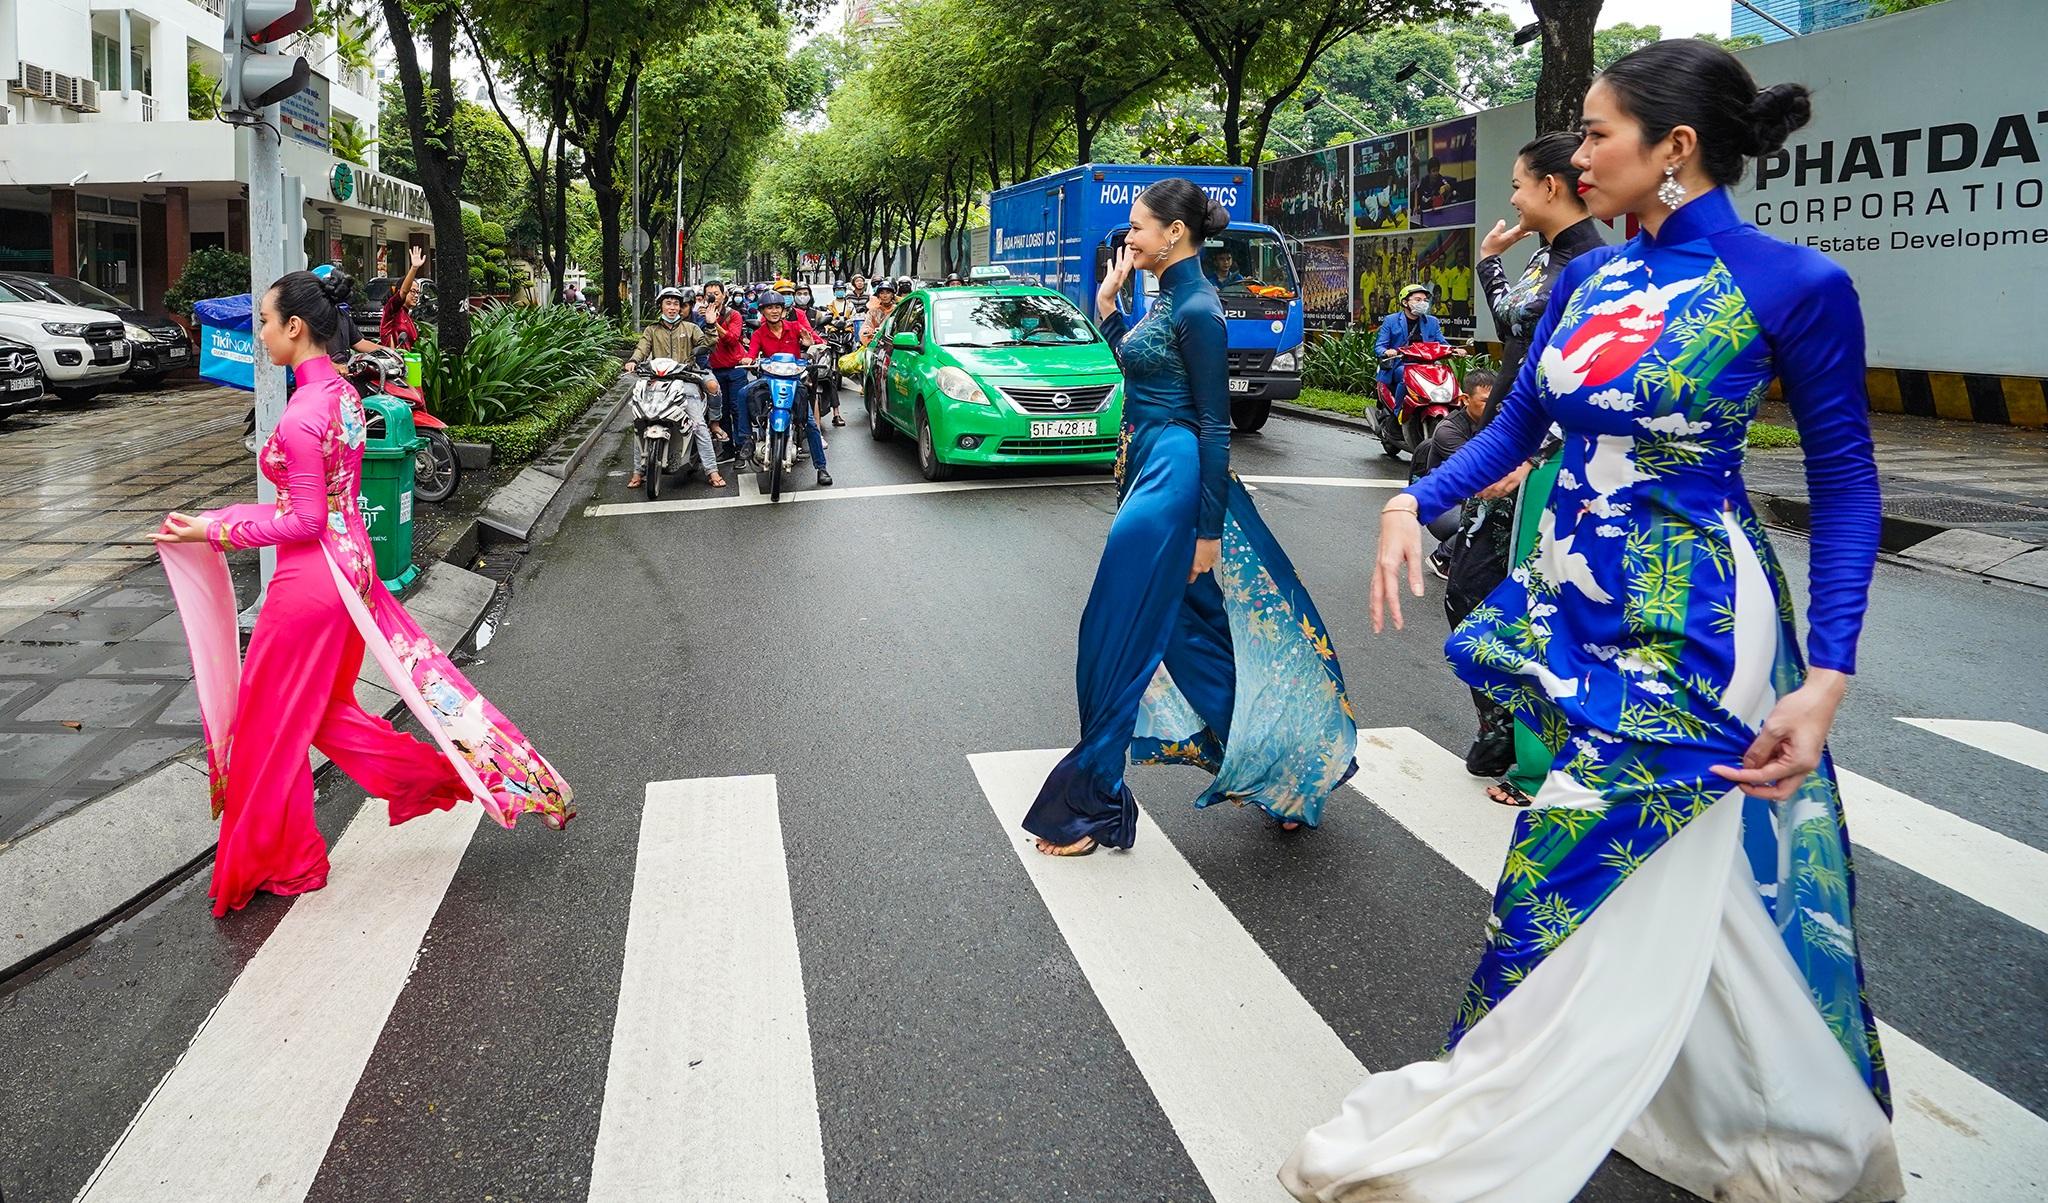 Đường phố, điểm du lịch… ở TPHCM biến thành sàn diễn áo dài - 2